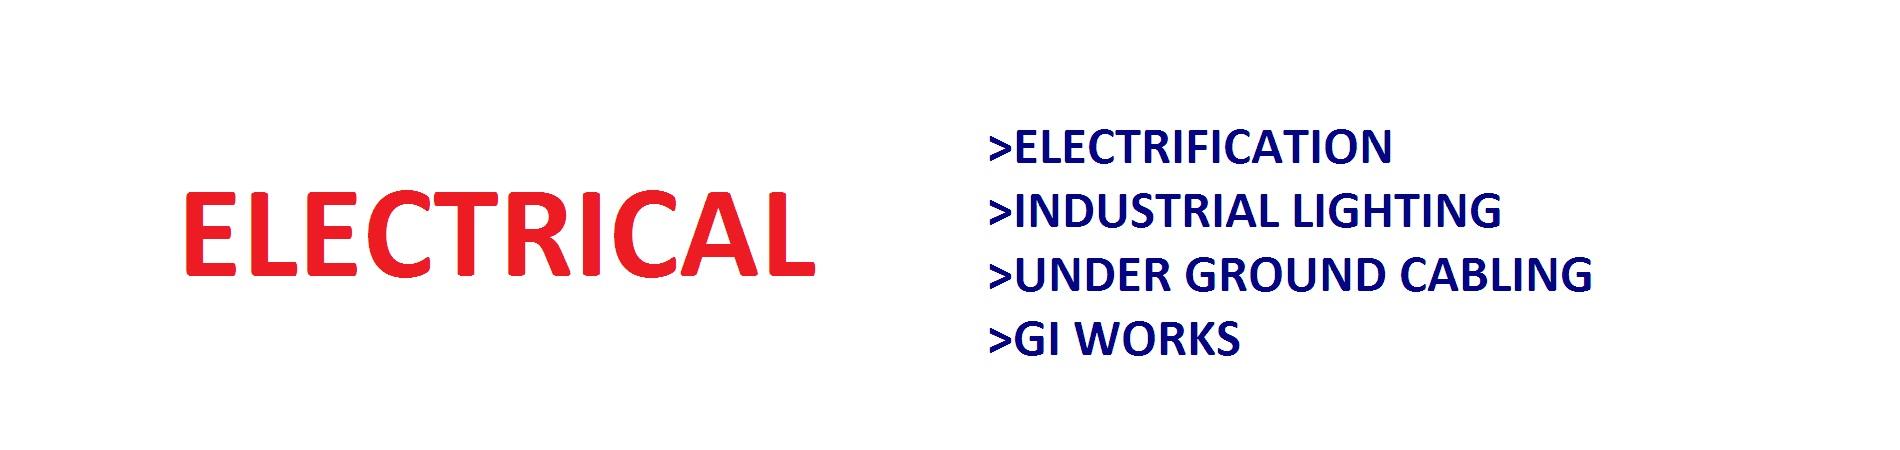 Narjas Electricals Mk Wiring Devices Qatar 1